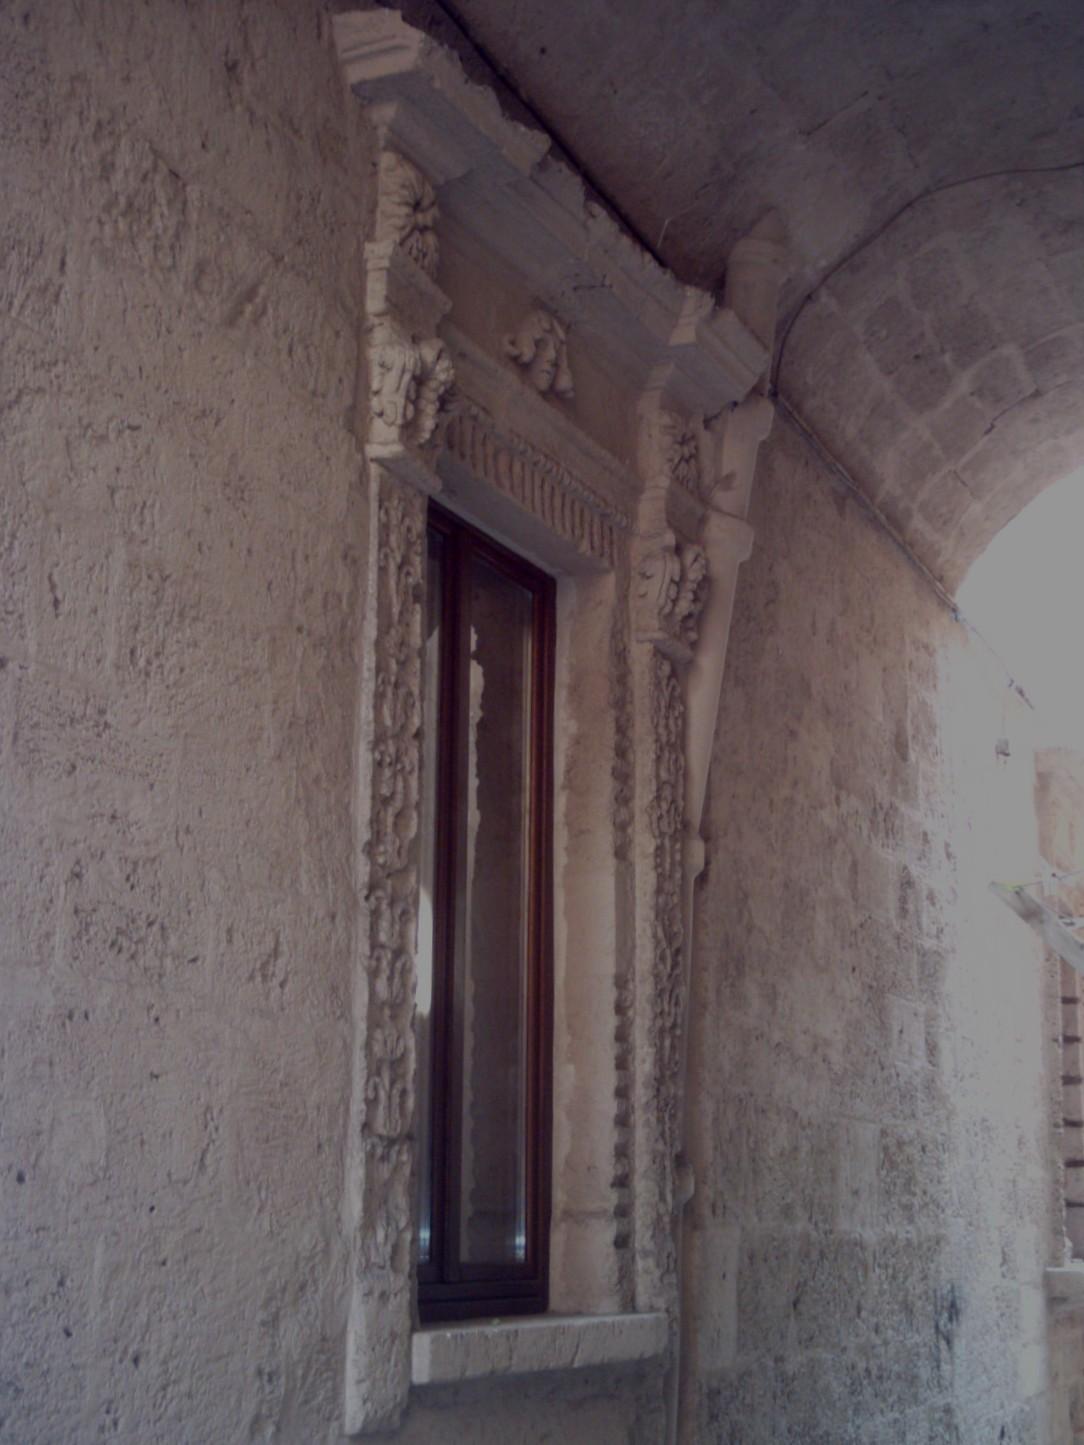 Immagini archeologia storia architettura a taranto for Finestra rinascimentale disegno